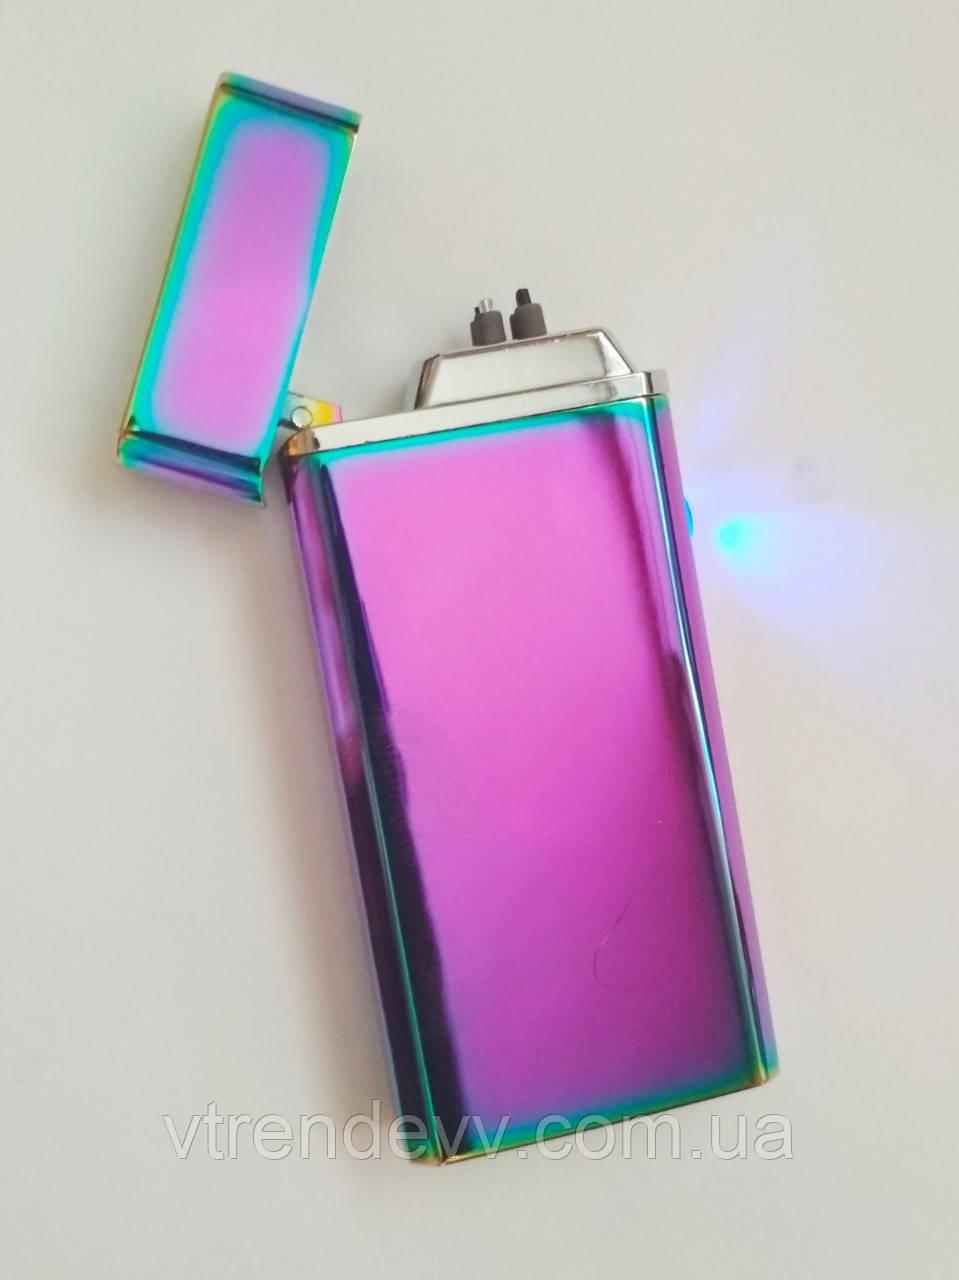 Зажигалка металлическая двойной дуги Lighter S612 Original хамелеон